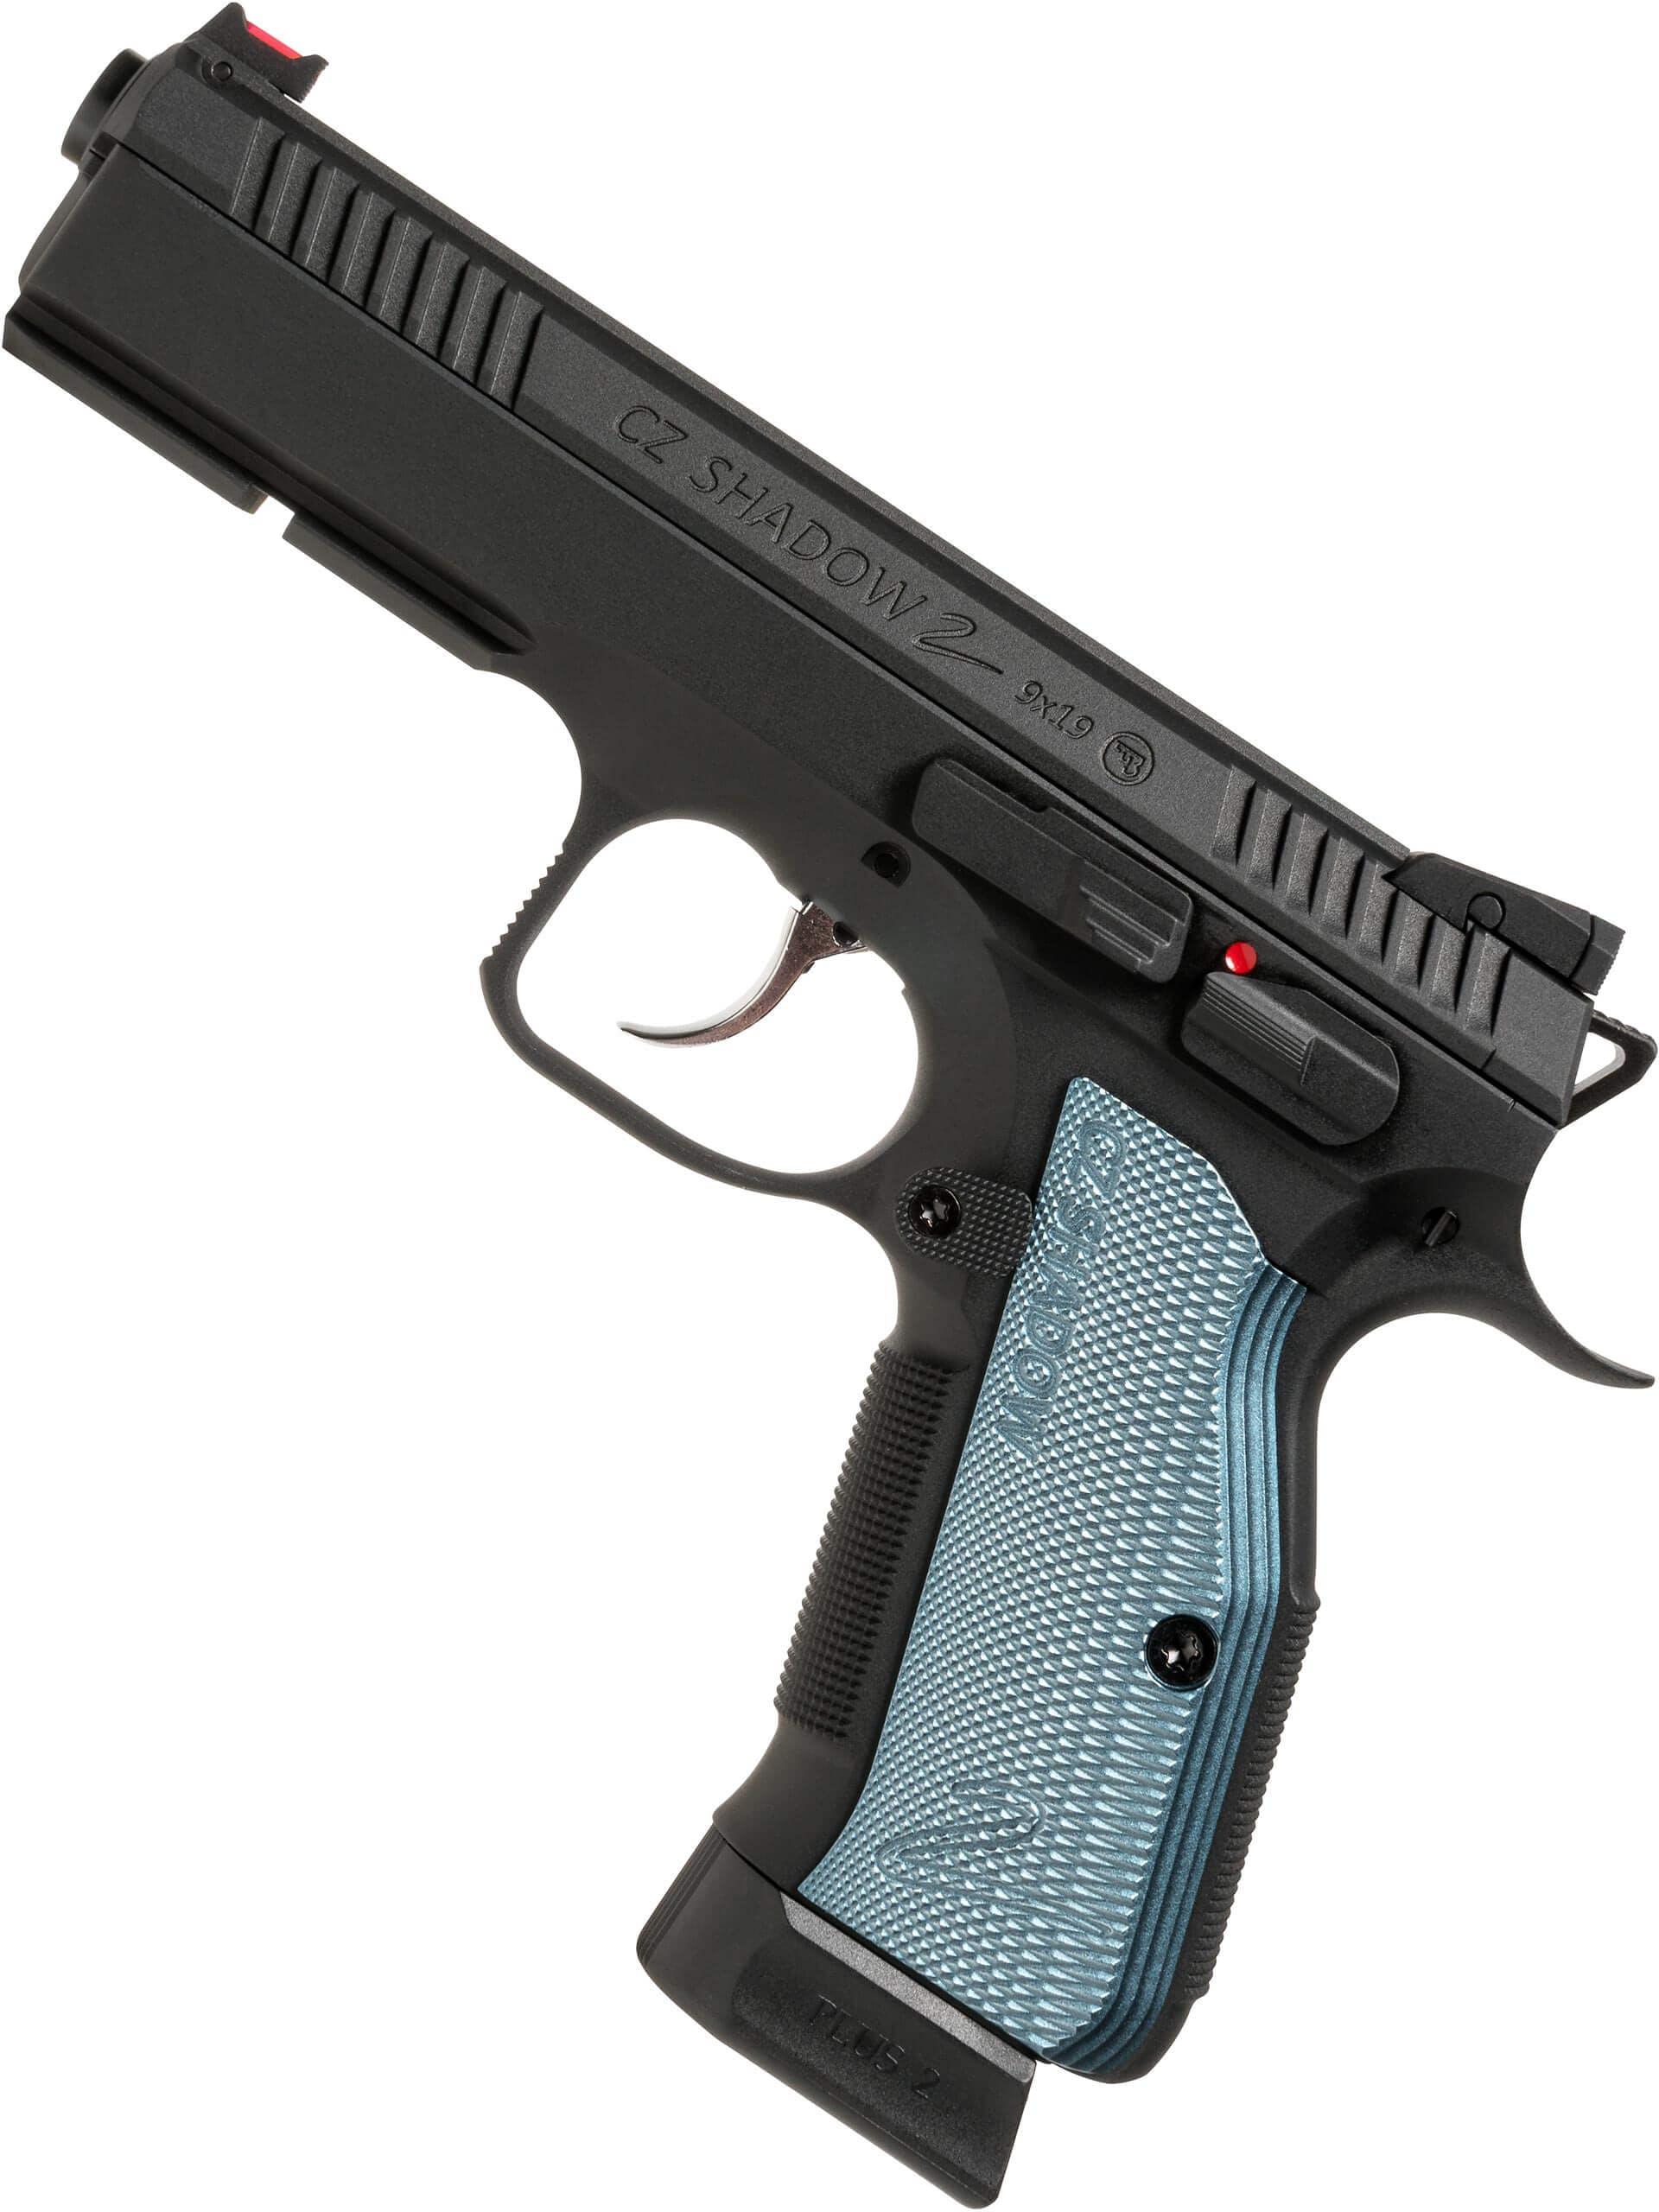 CZ Shadow 2 CO2 Pistol